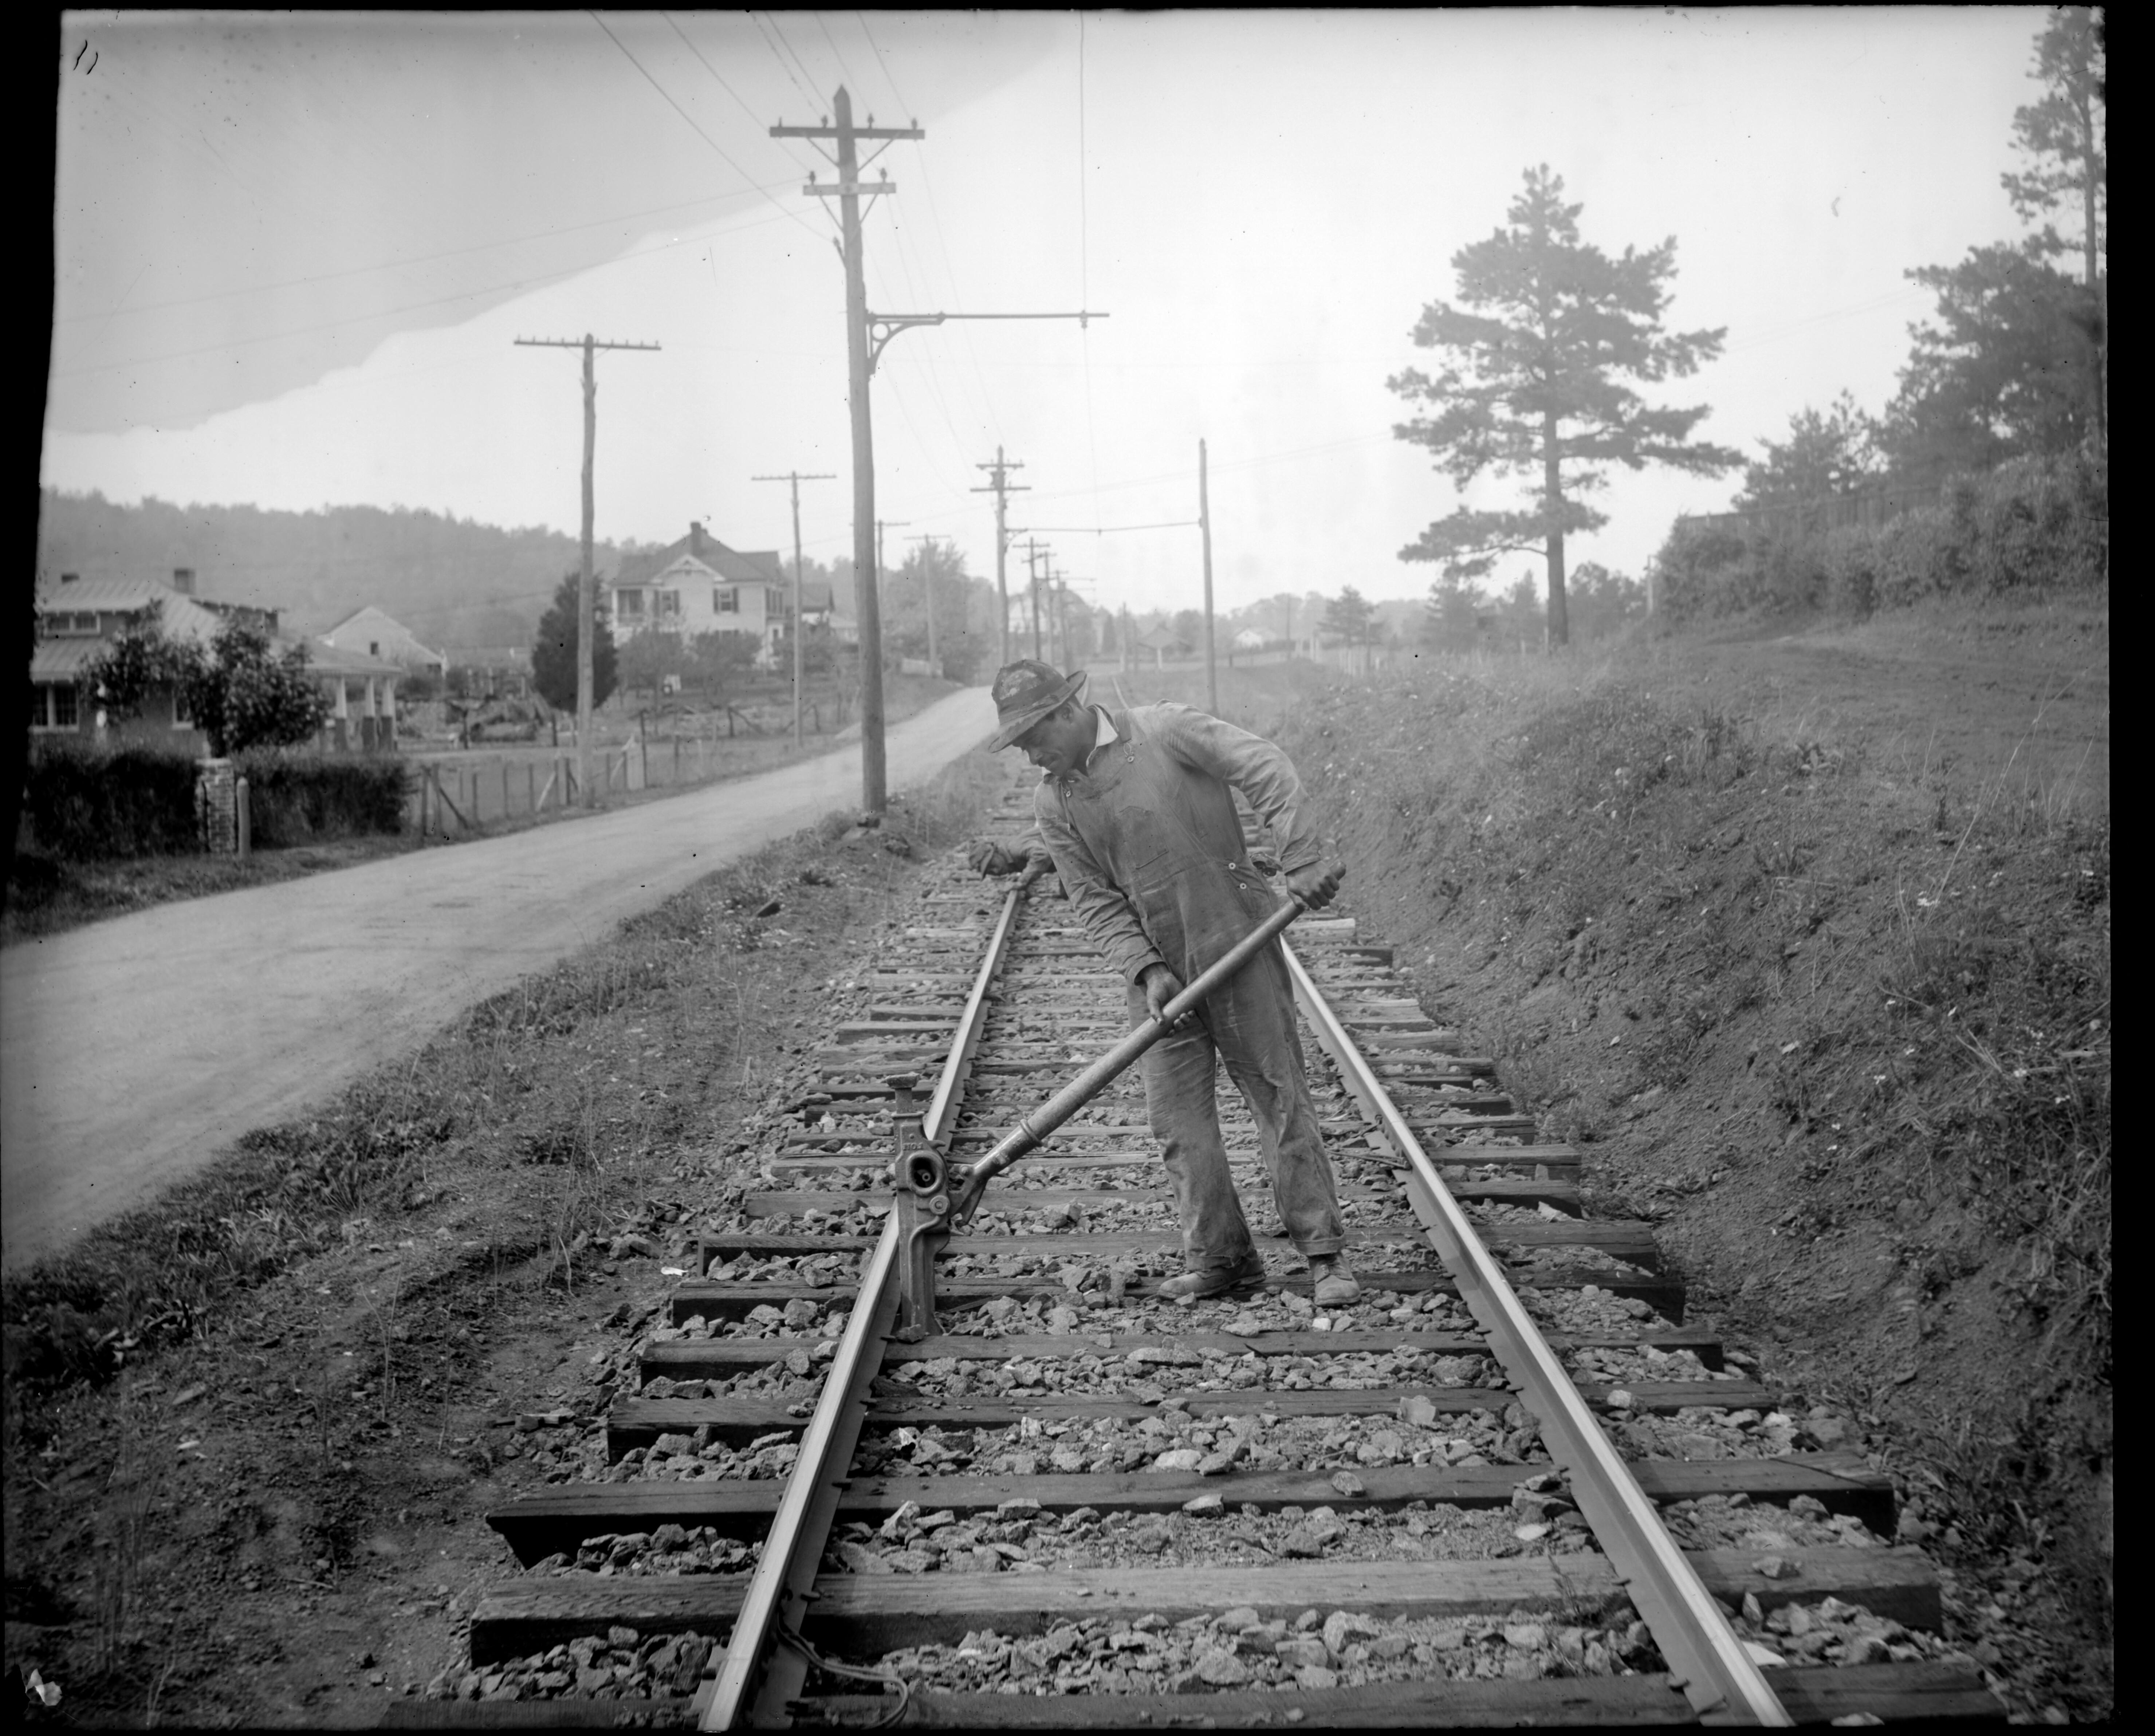 Charlottesville and Albemarle Railway Company Machine